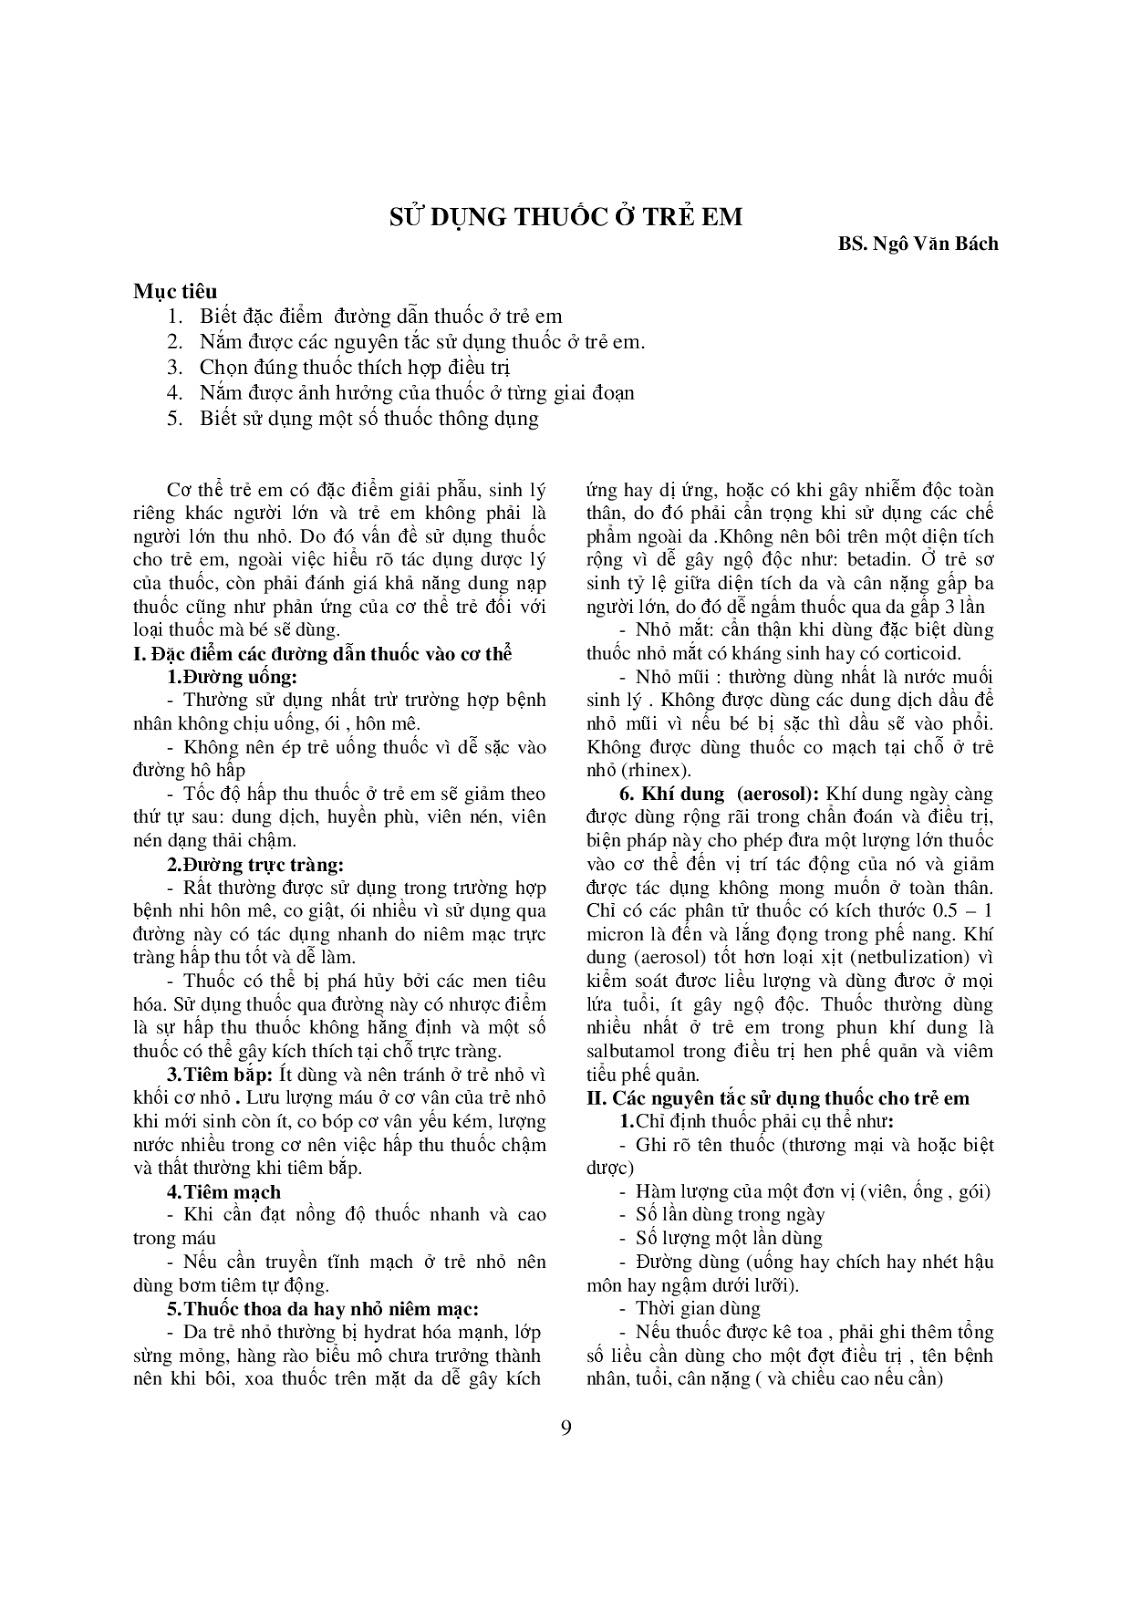 Trang 9 sach Bài giảng Nhi khoa - ĐH Y khoa Phạm Ngọc Thạch